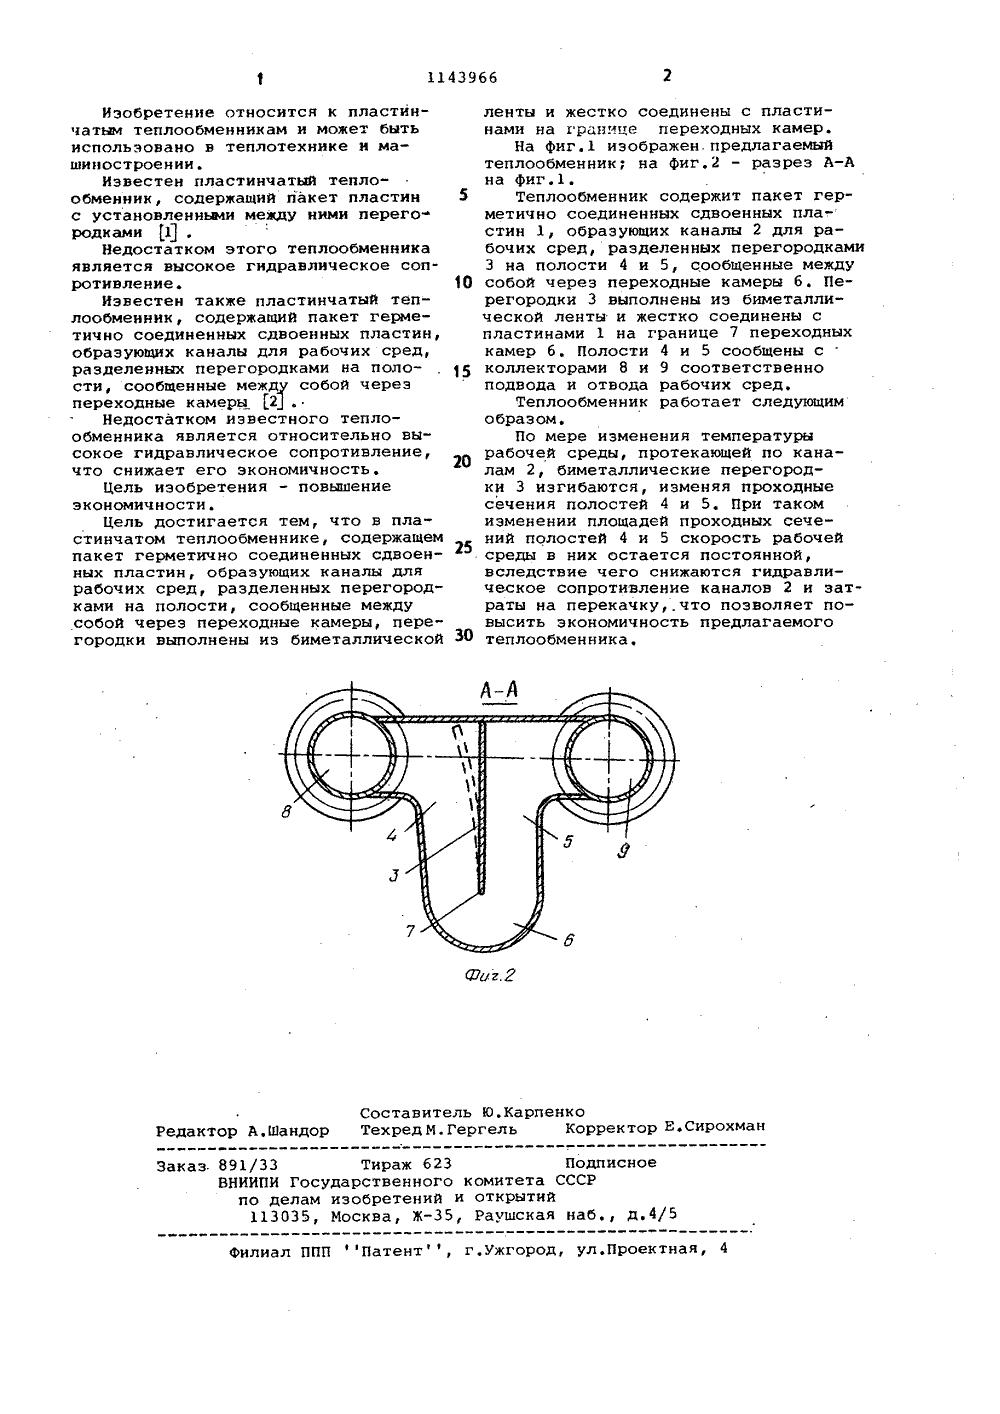 Теплообменник без разделения сред ремонт теплообменников челябинск